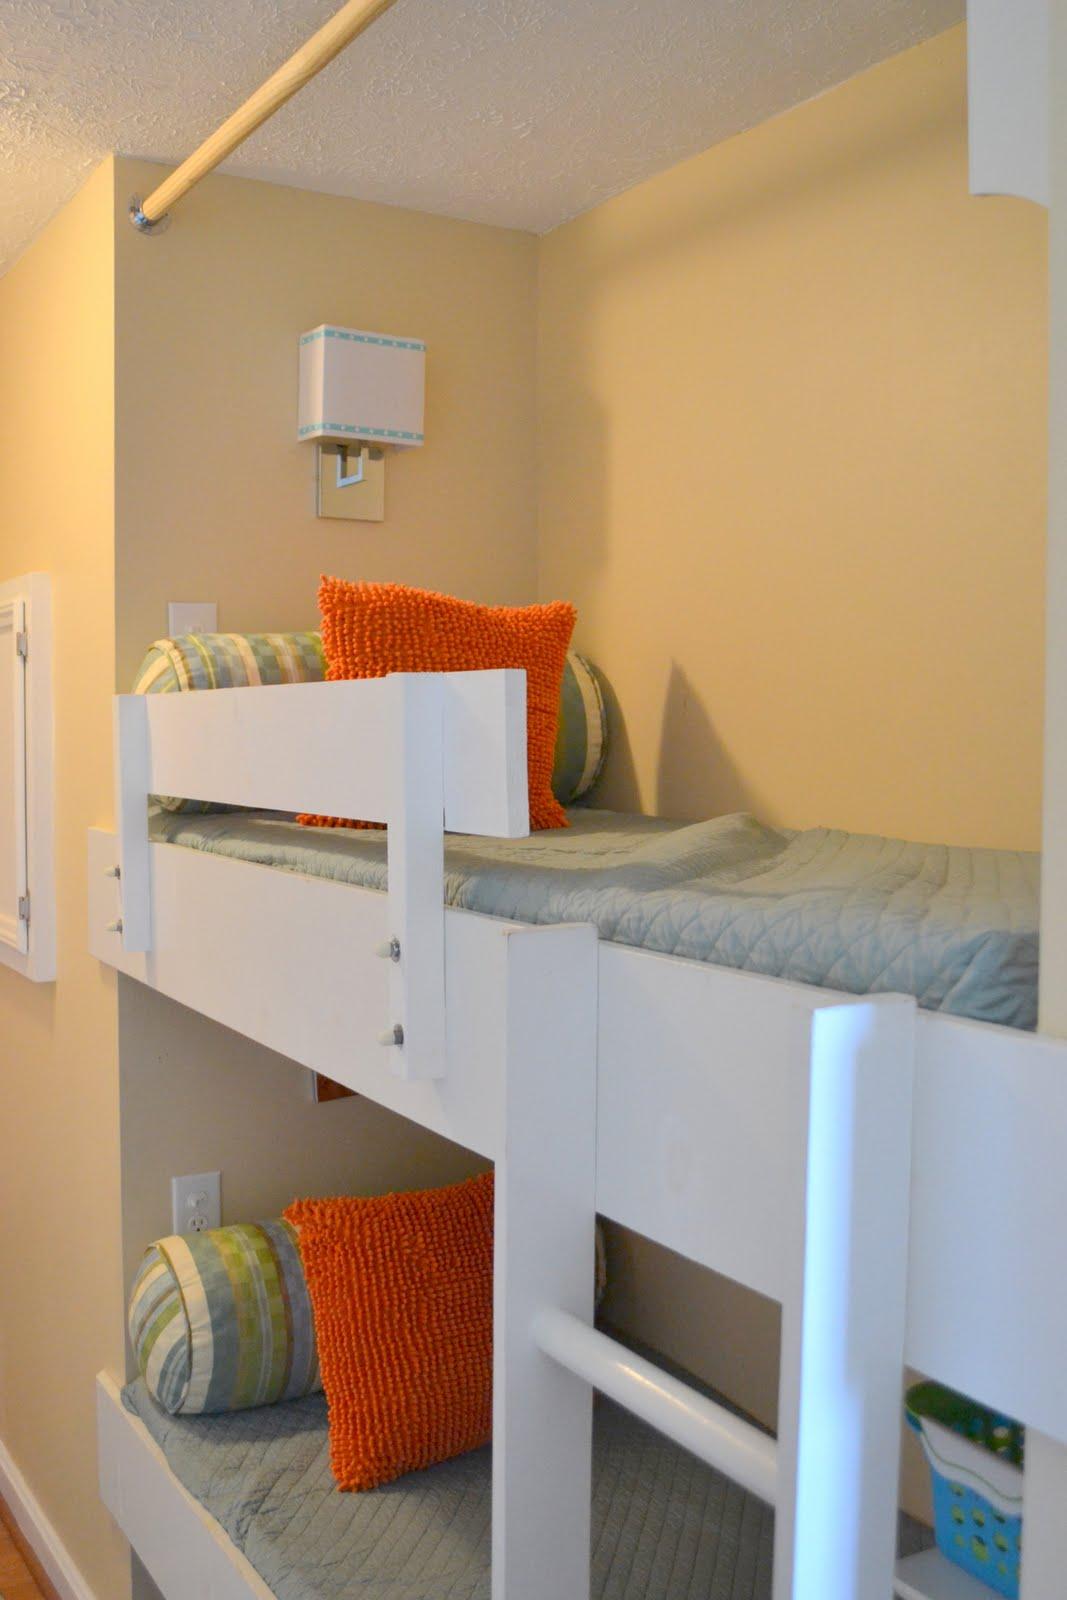 Small Condo Dining Room Ideas: Beach Front Condo Renovation, Part I